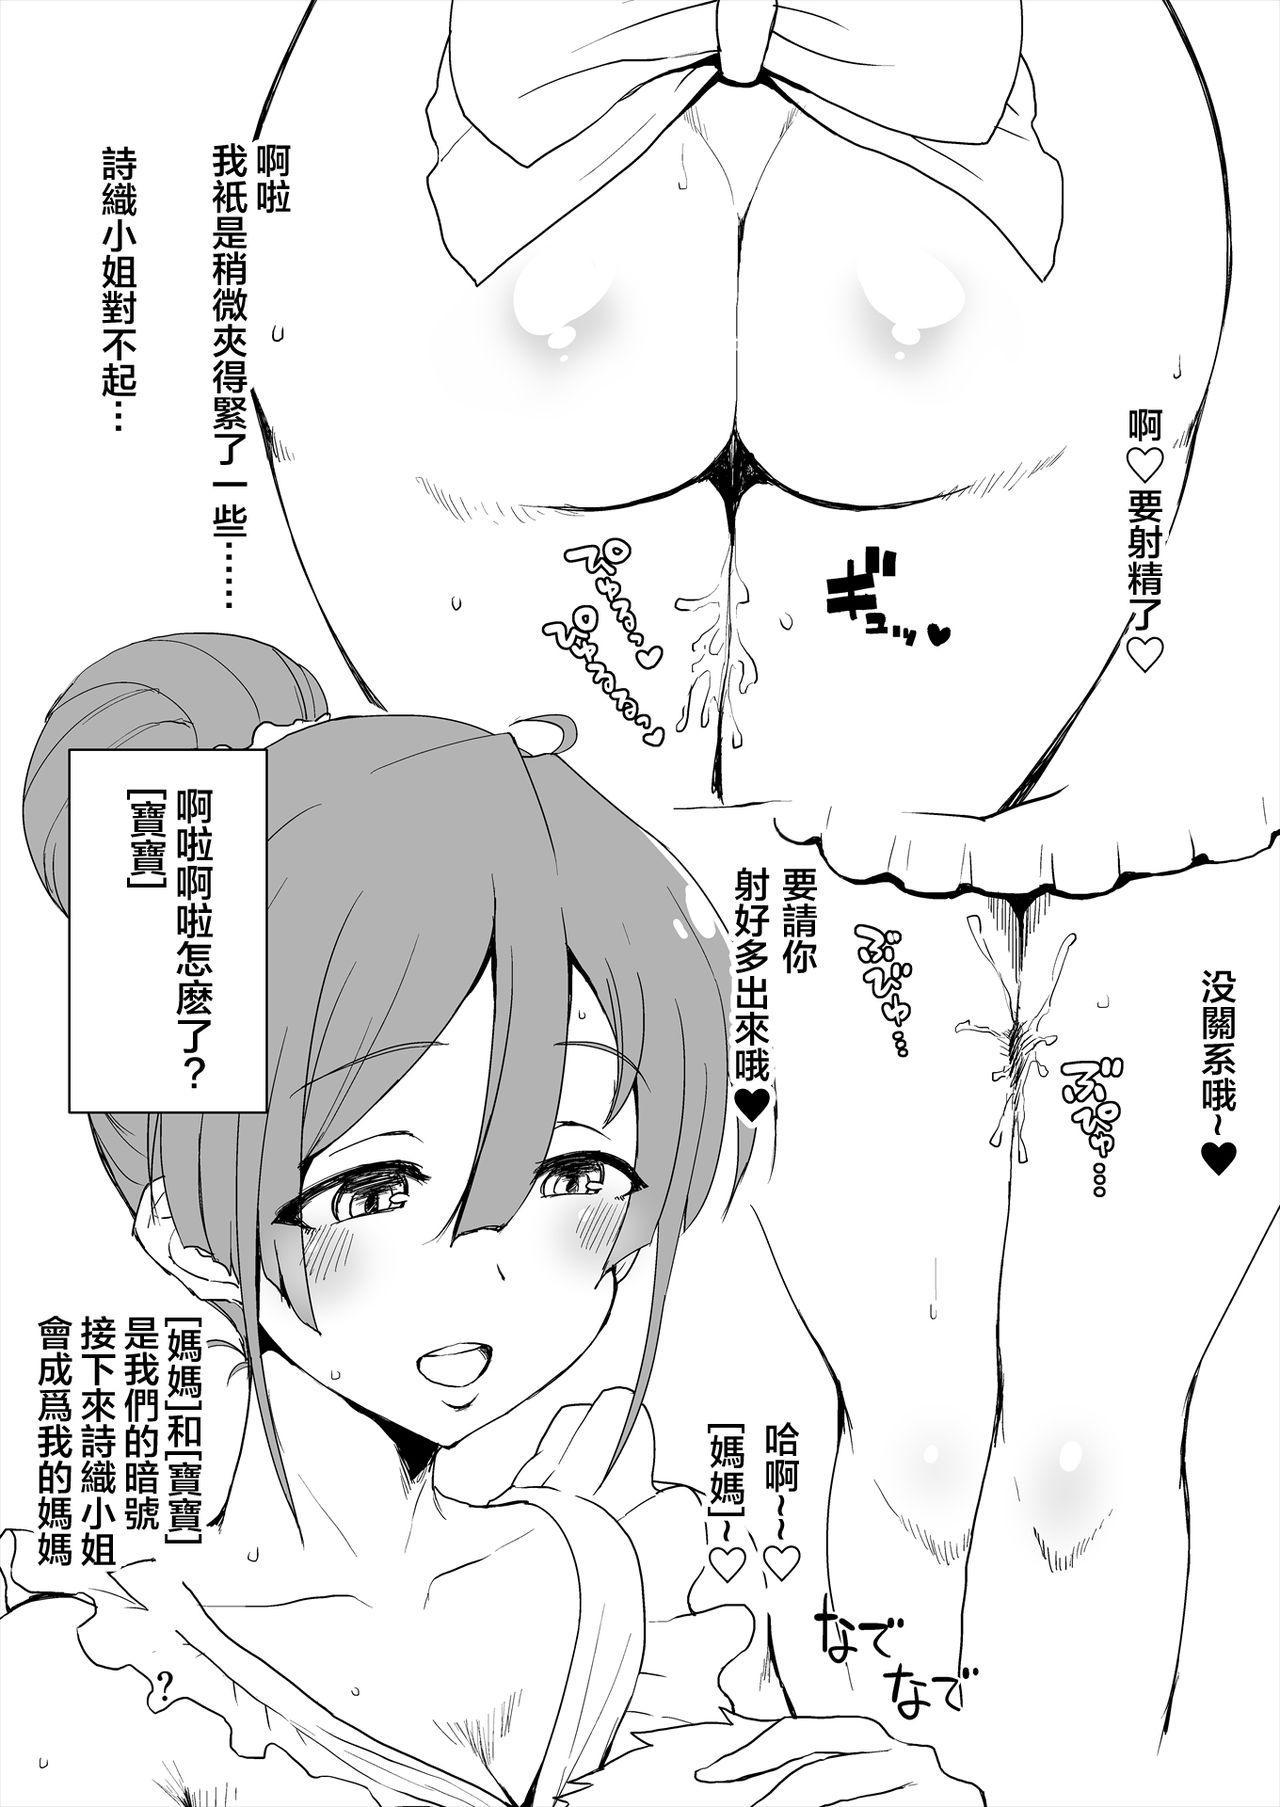 Omake no Matome+ 14